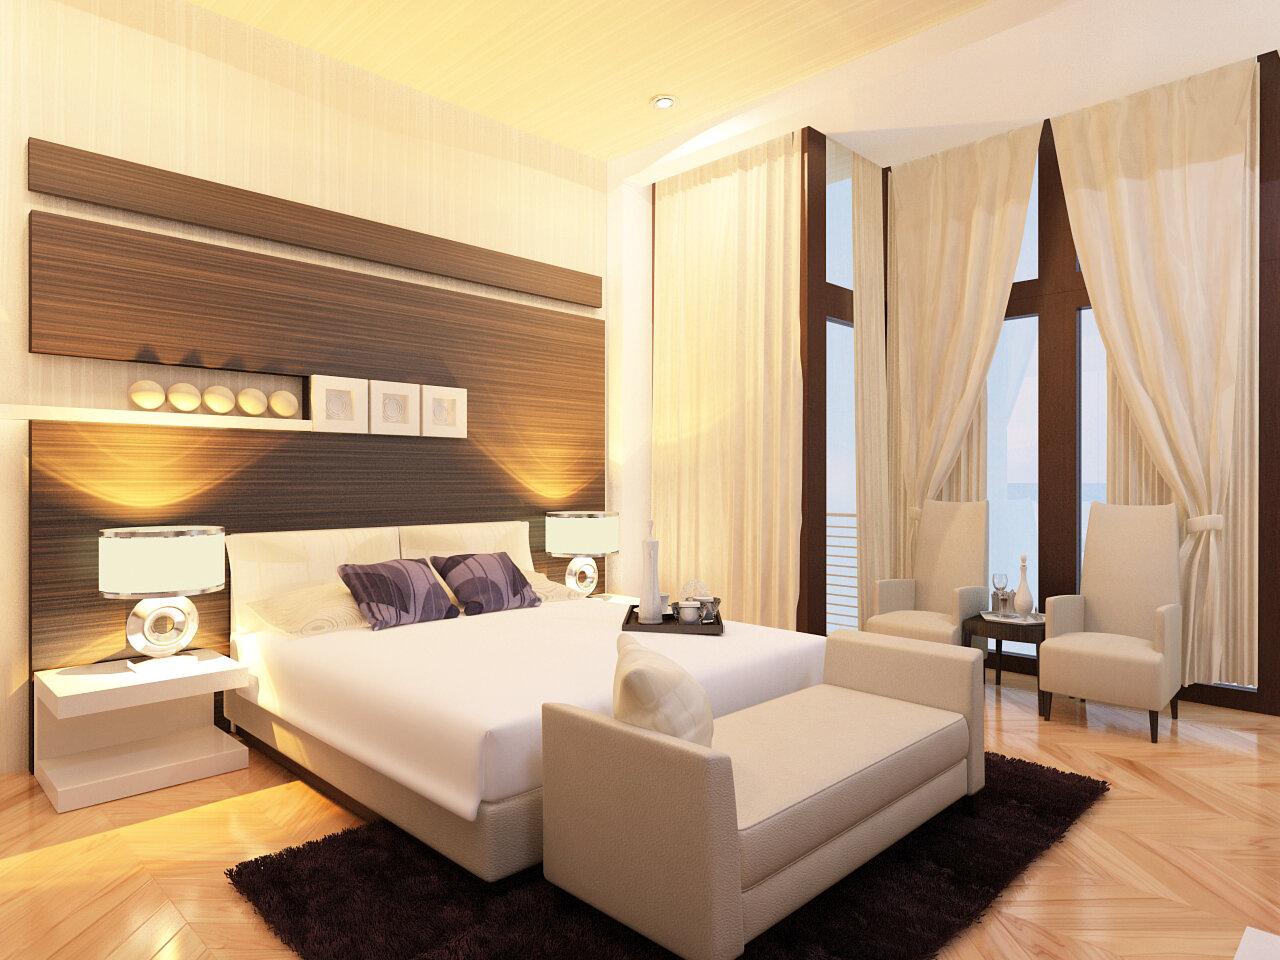 Đèn sưởi phòng ngủ làm ấm không gian phòng